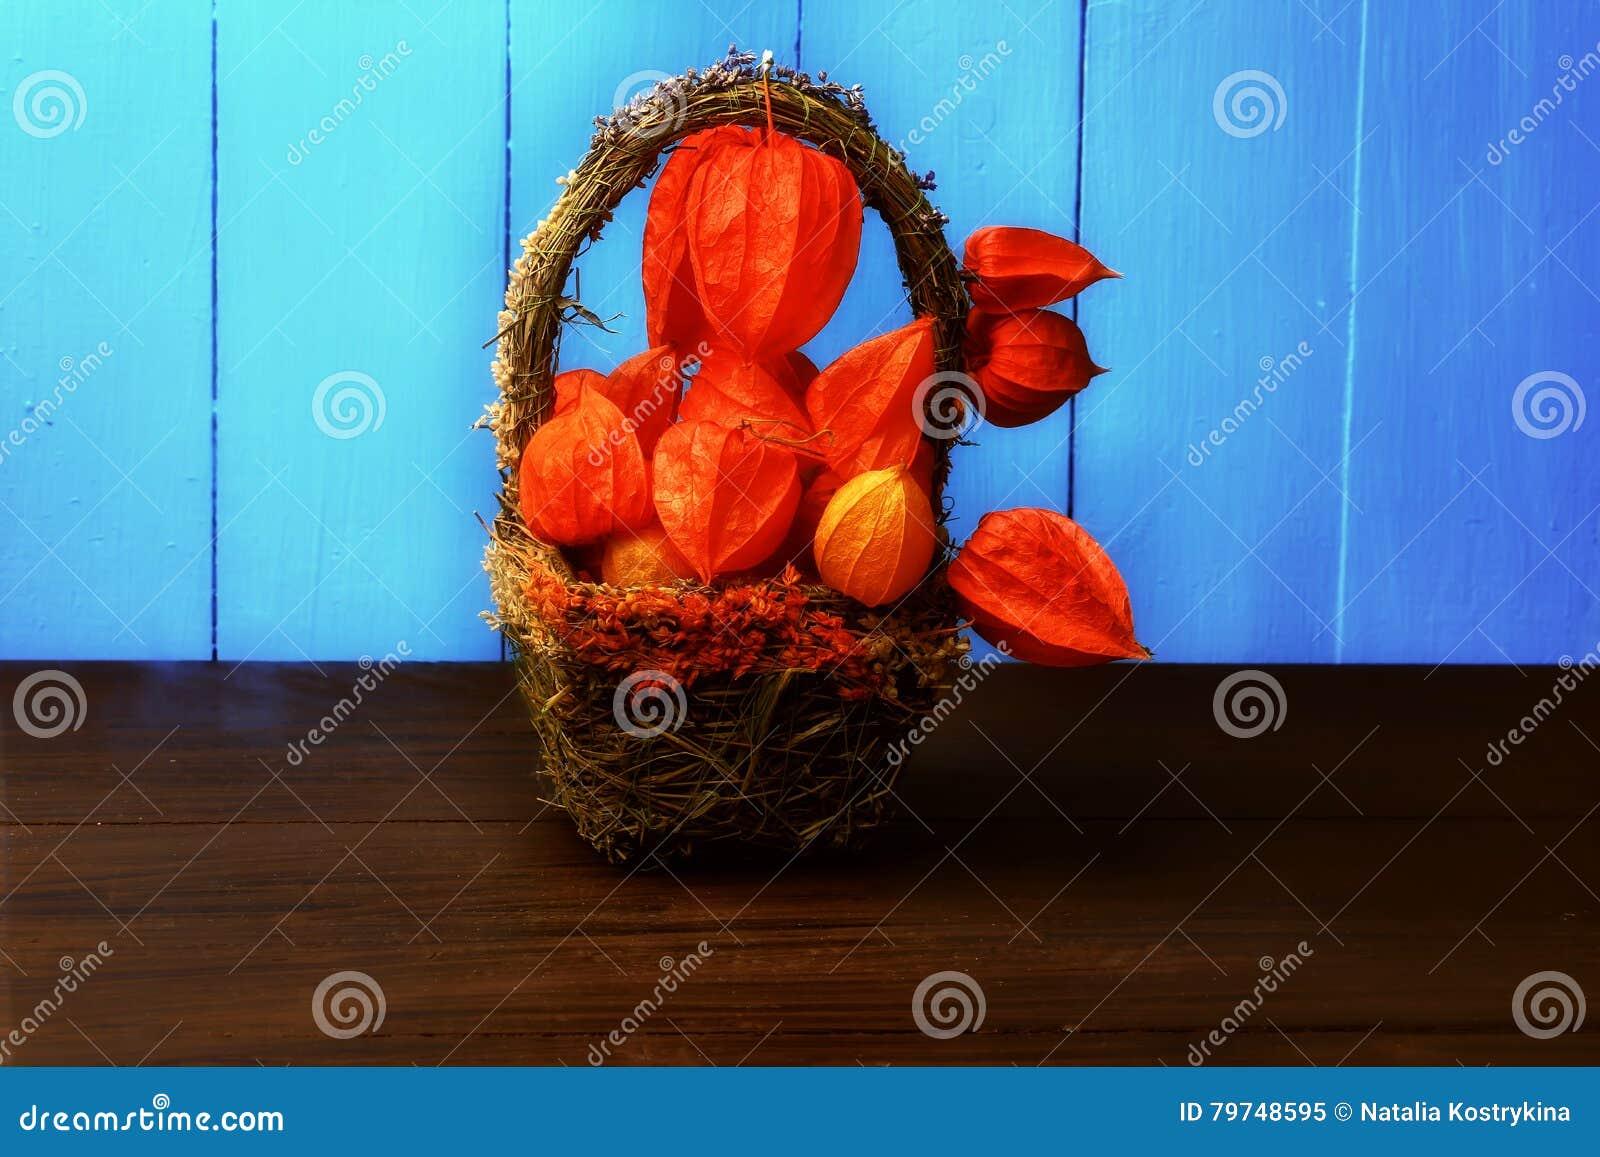 Todavía del otoño vida en un physalis rústico retro del estilo del fondo de madera en una cesta